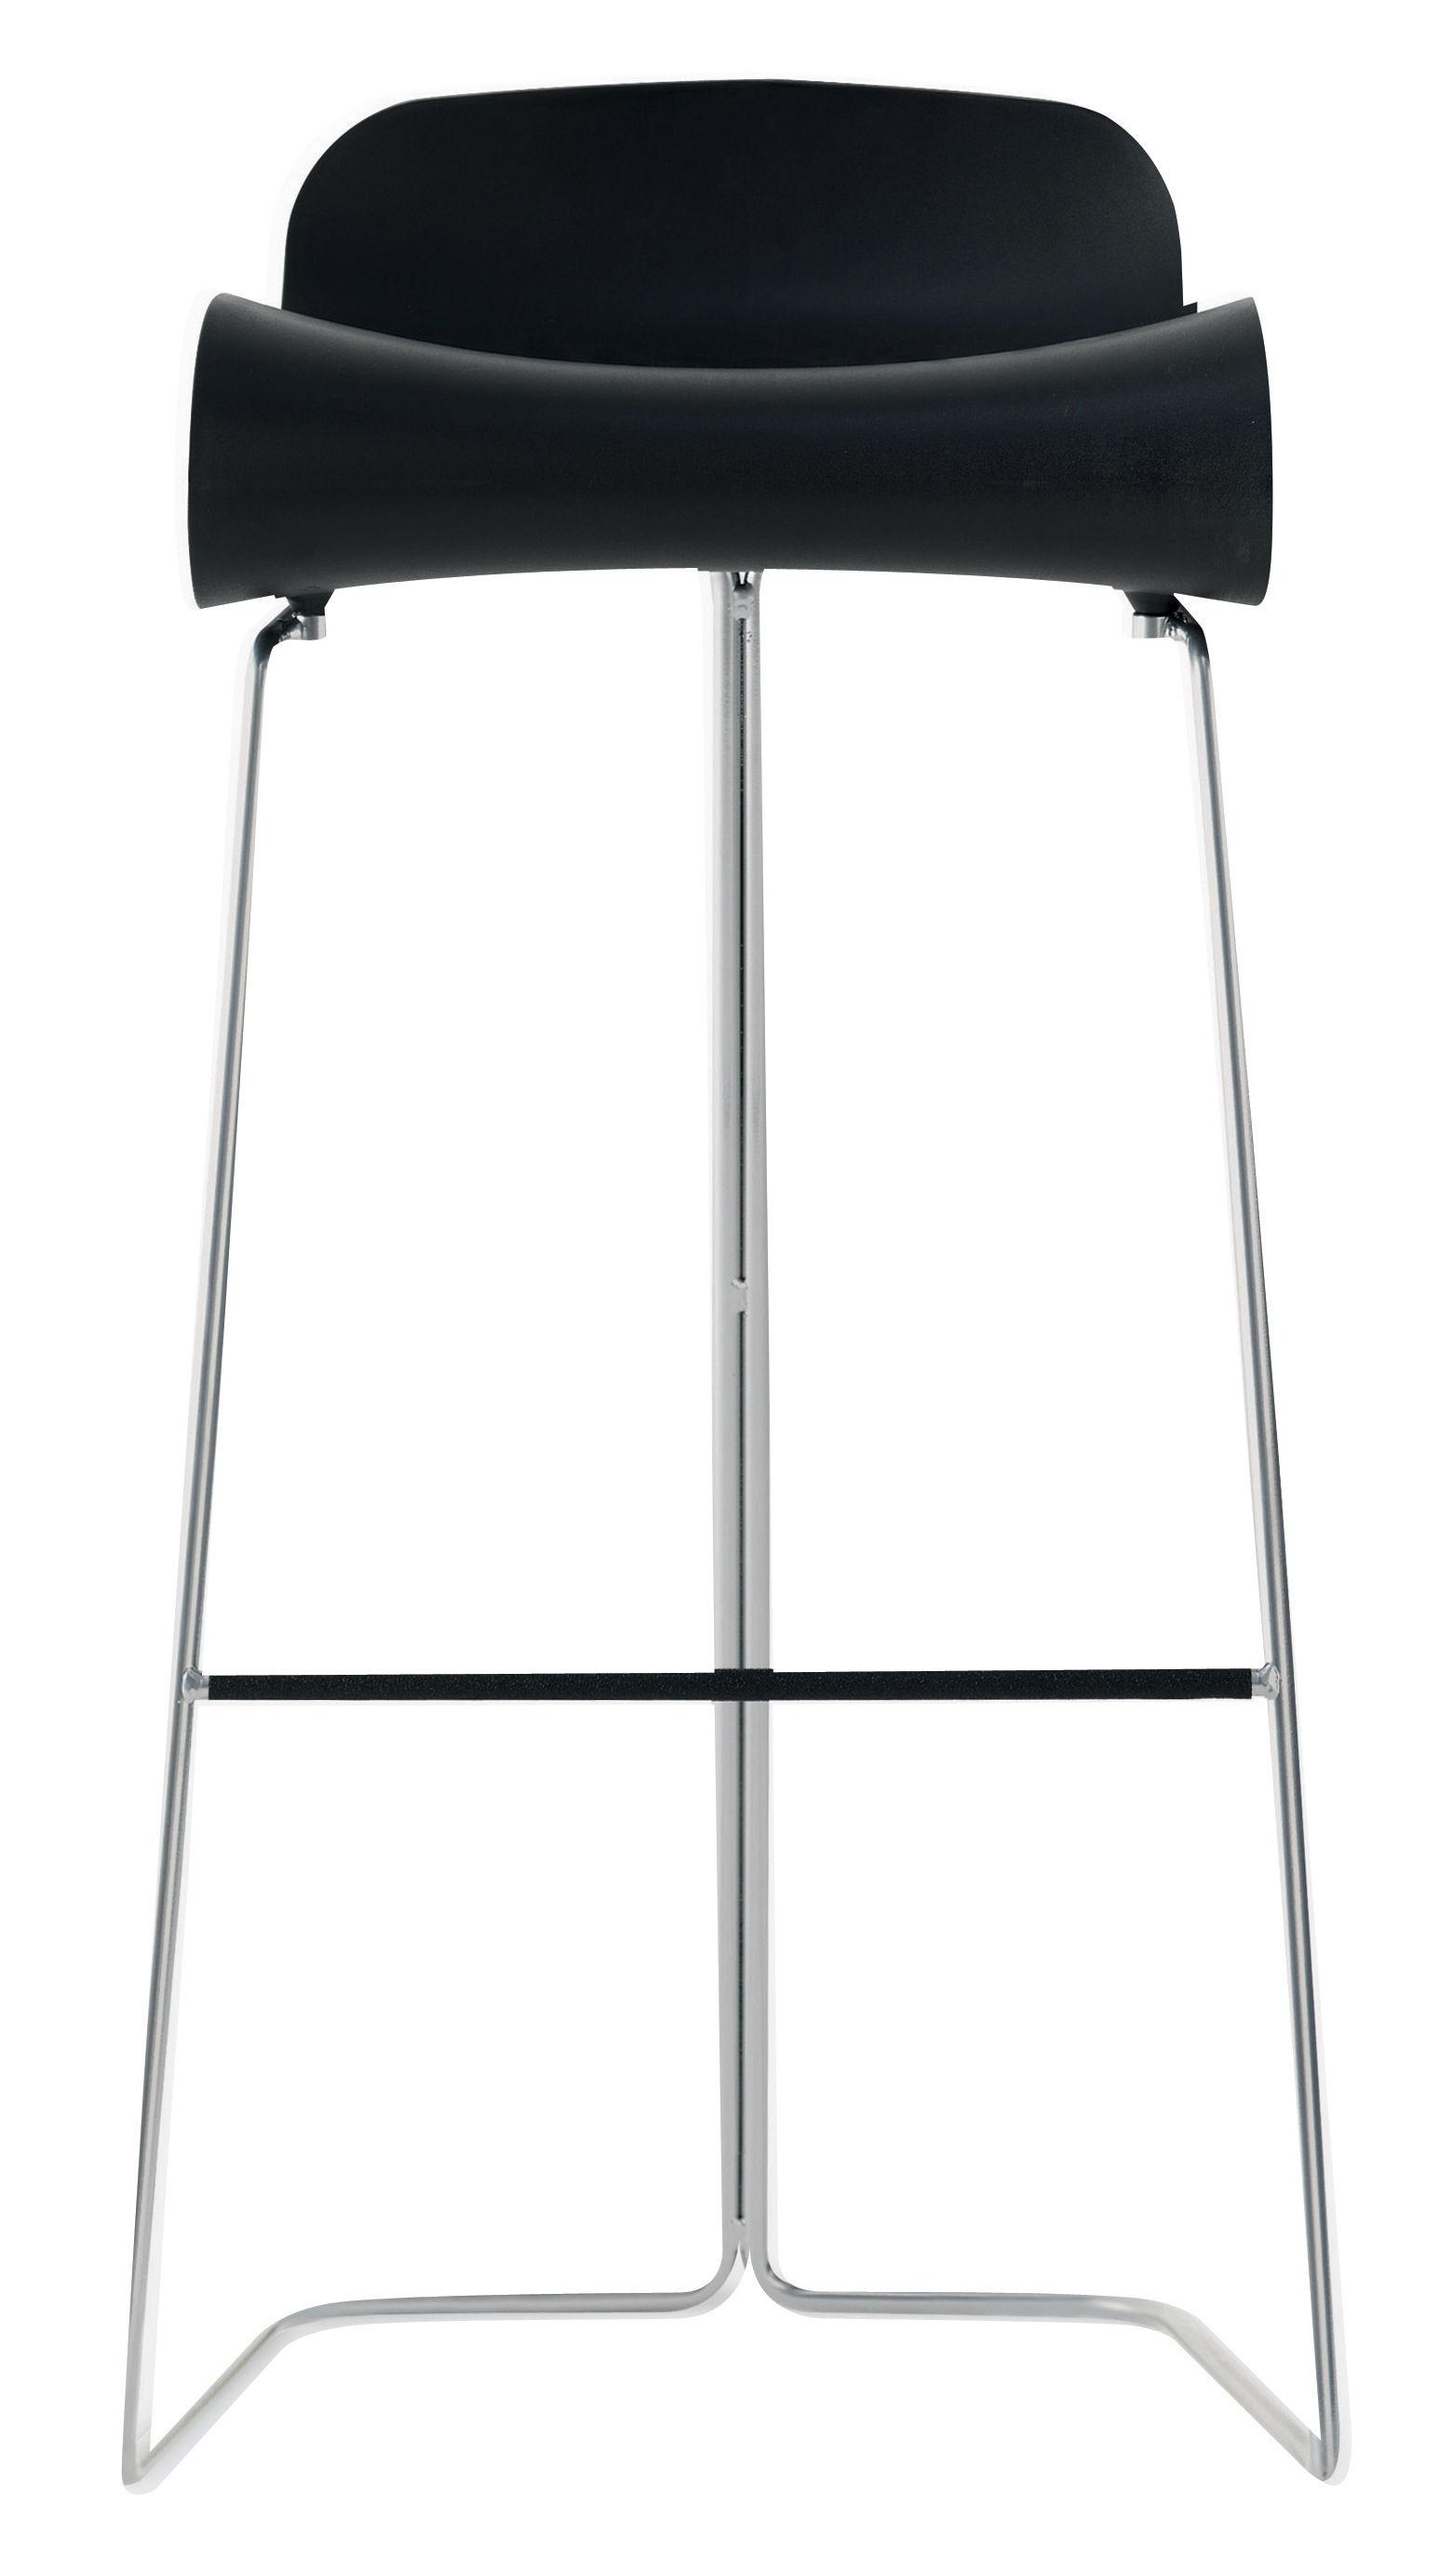 Möbel - Barhocker - BCN Barhocker - Kristalia - schwarz - gefirnister Stahl, Plastik mit PBT